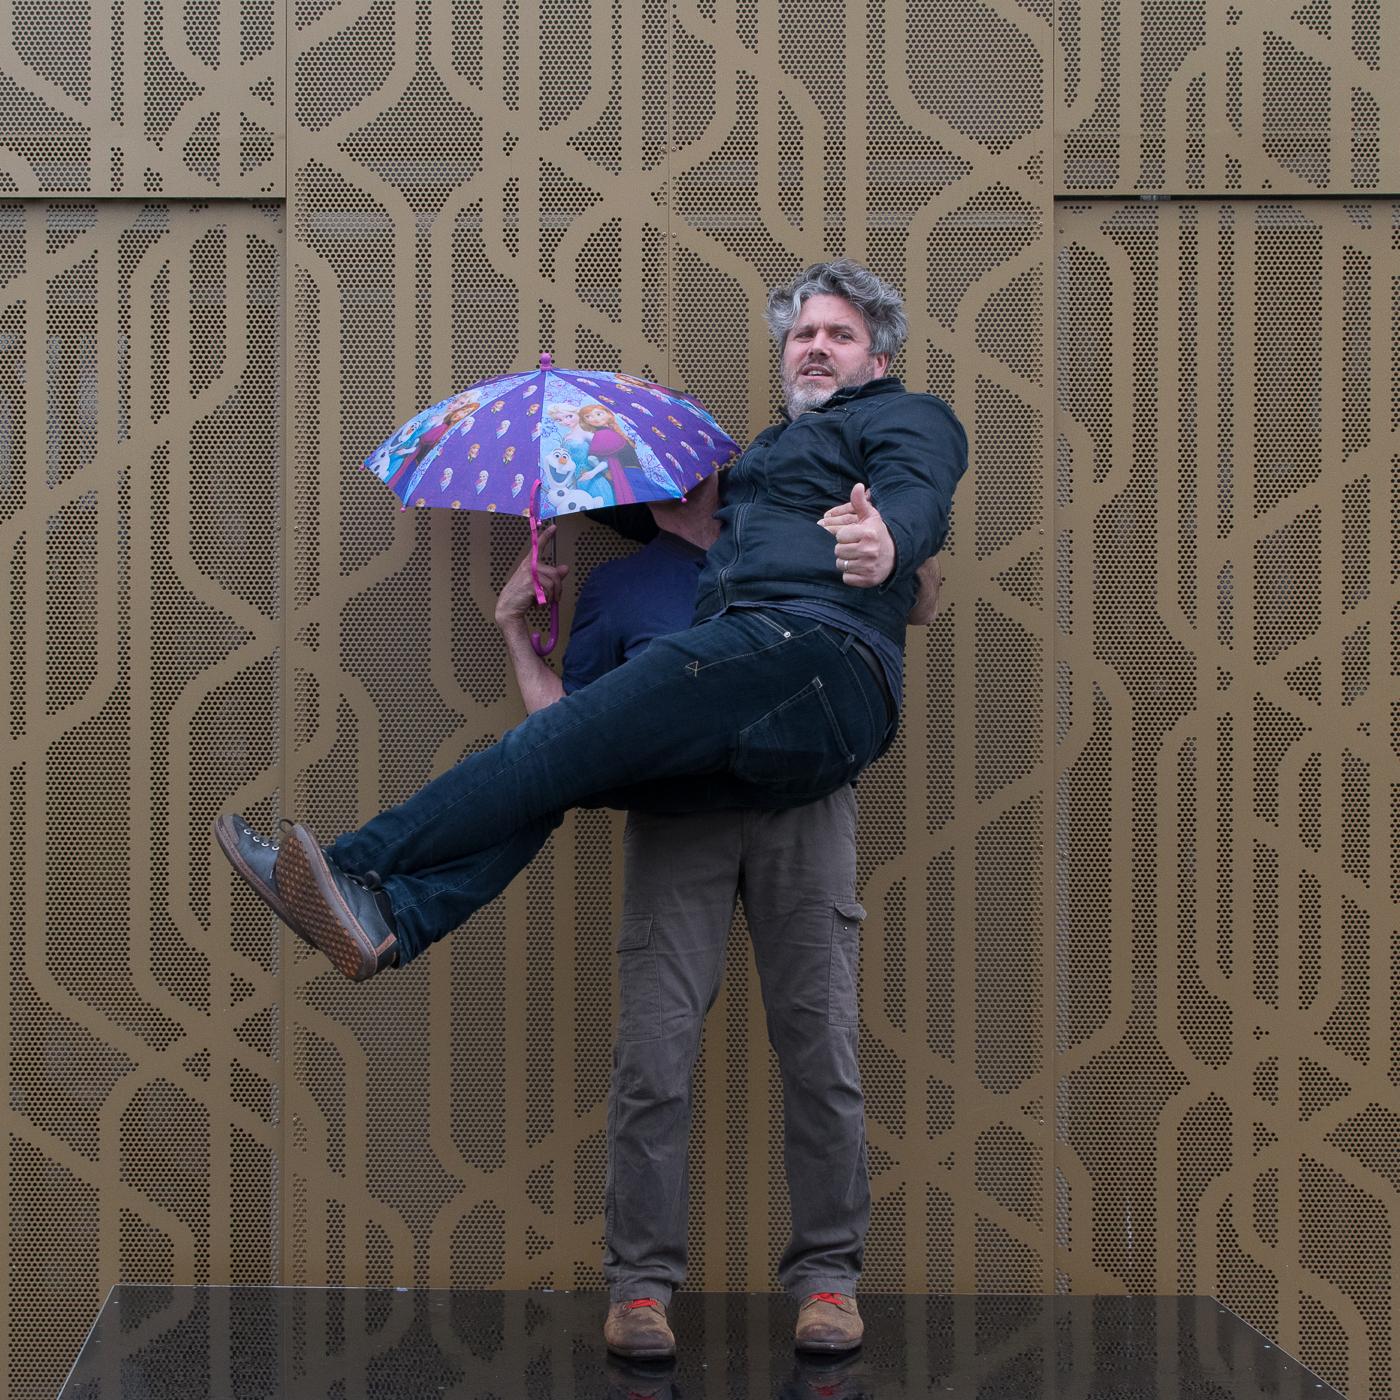 Parapluies 2016 - Libéré délivré